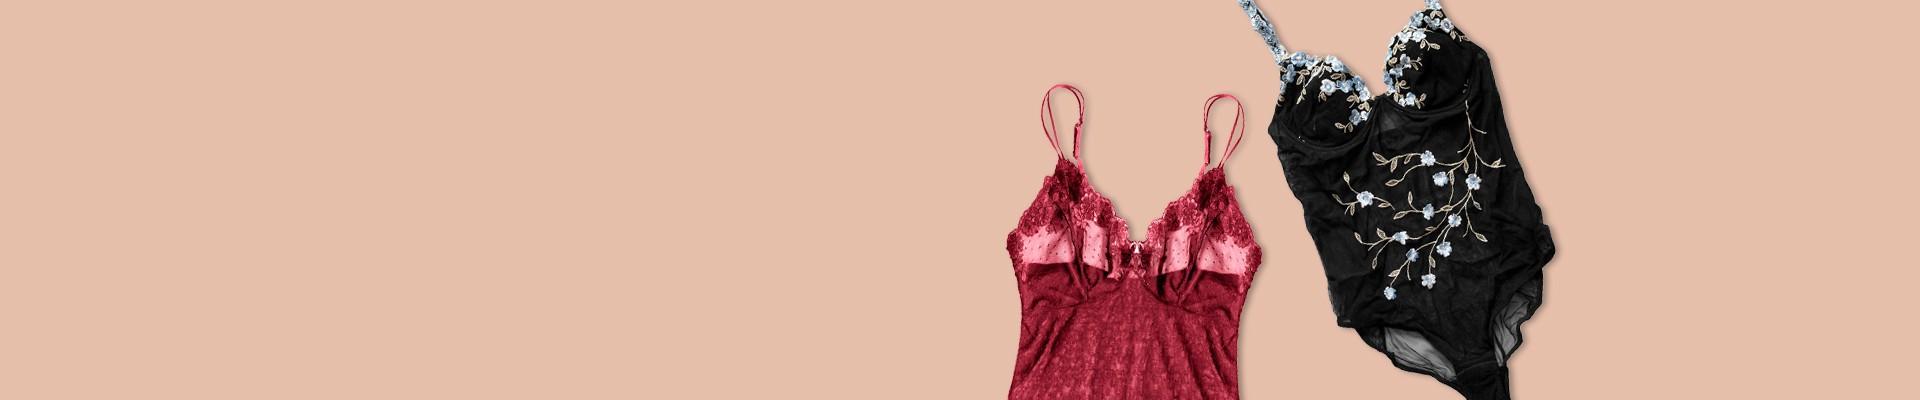 Jual Lingerie - Lingerie Wanita Online